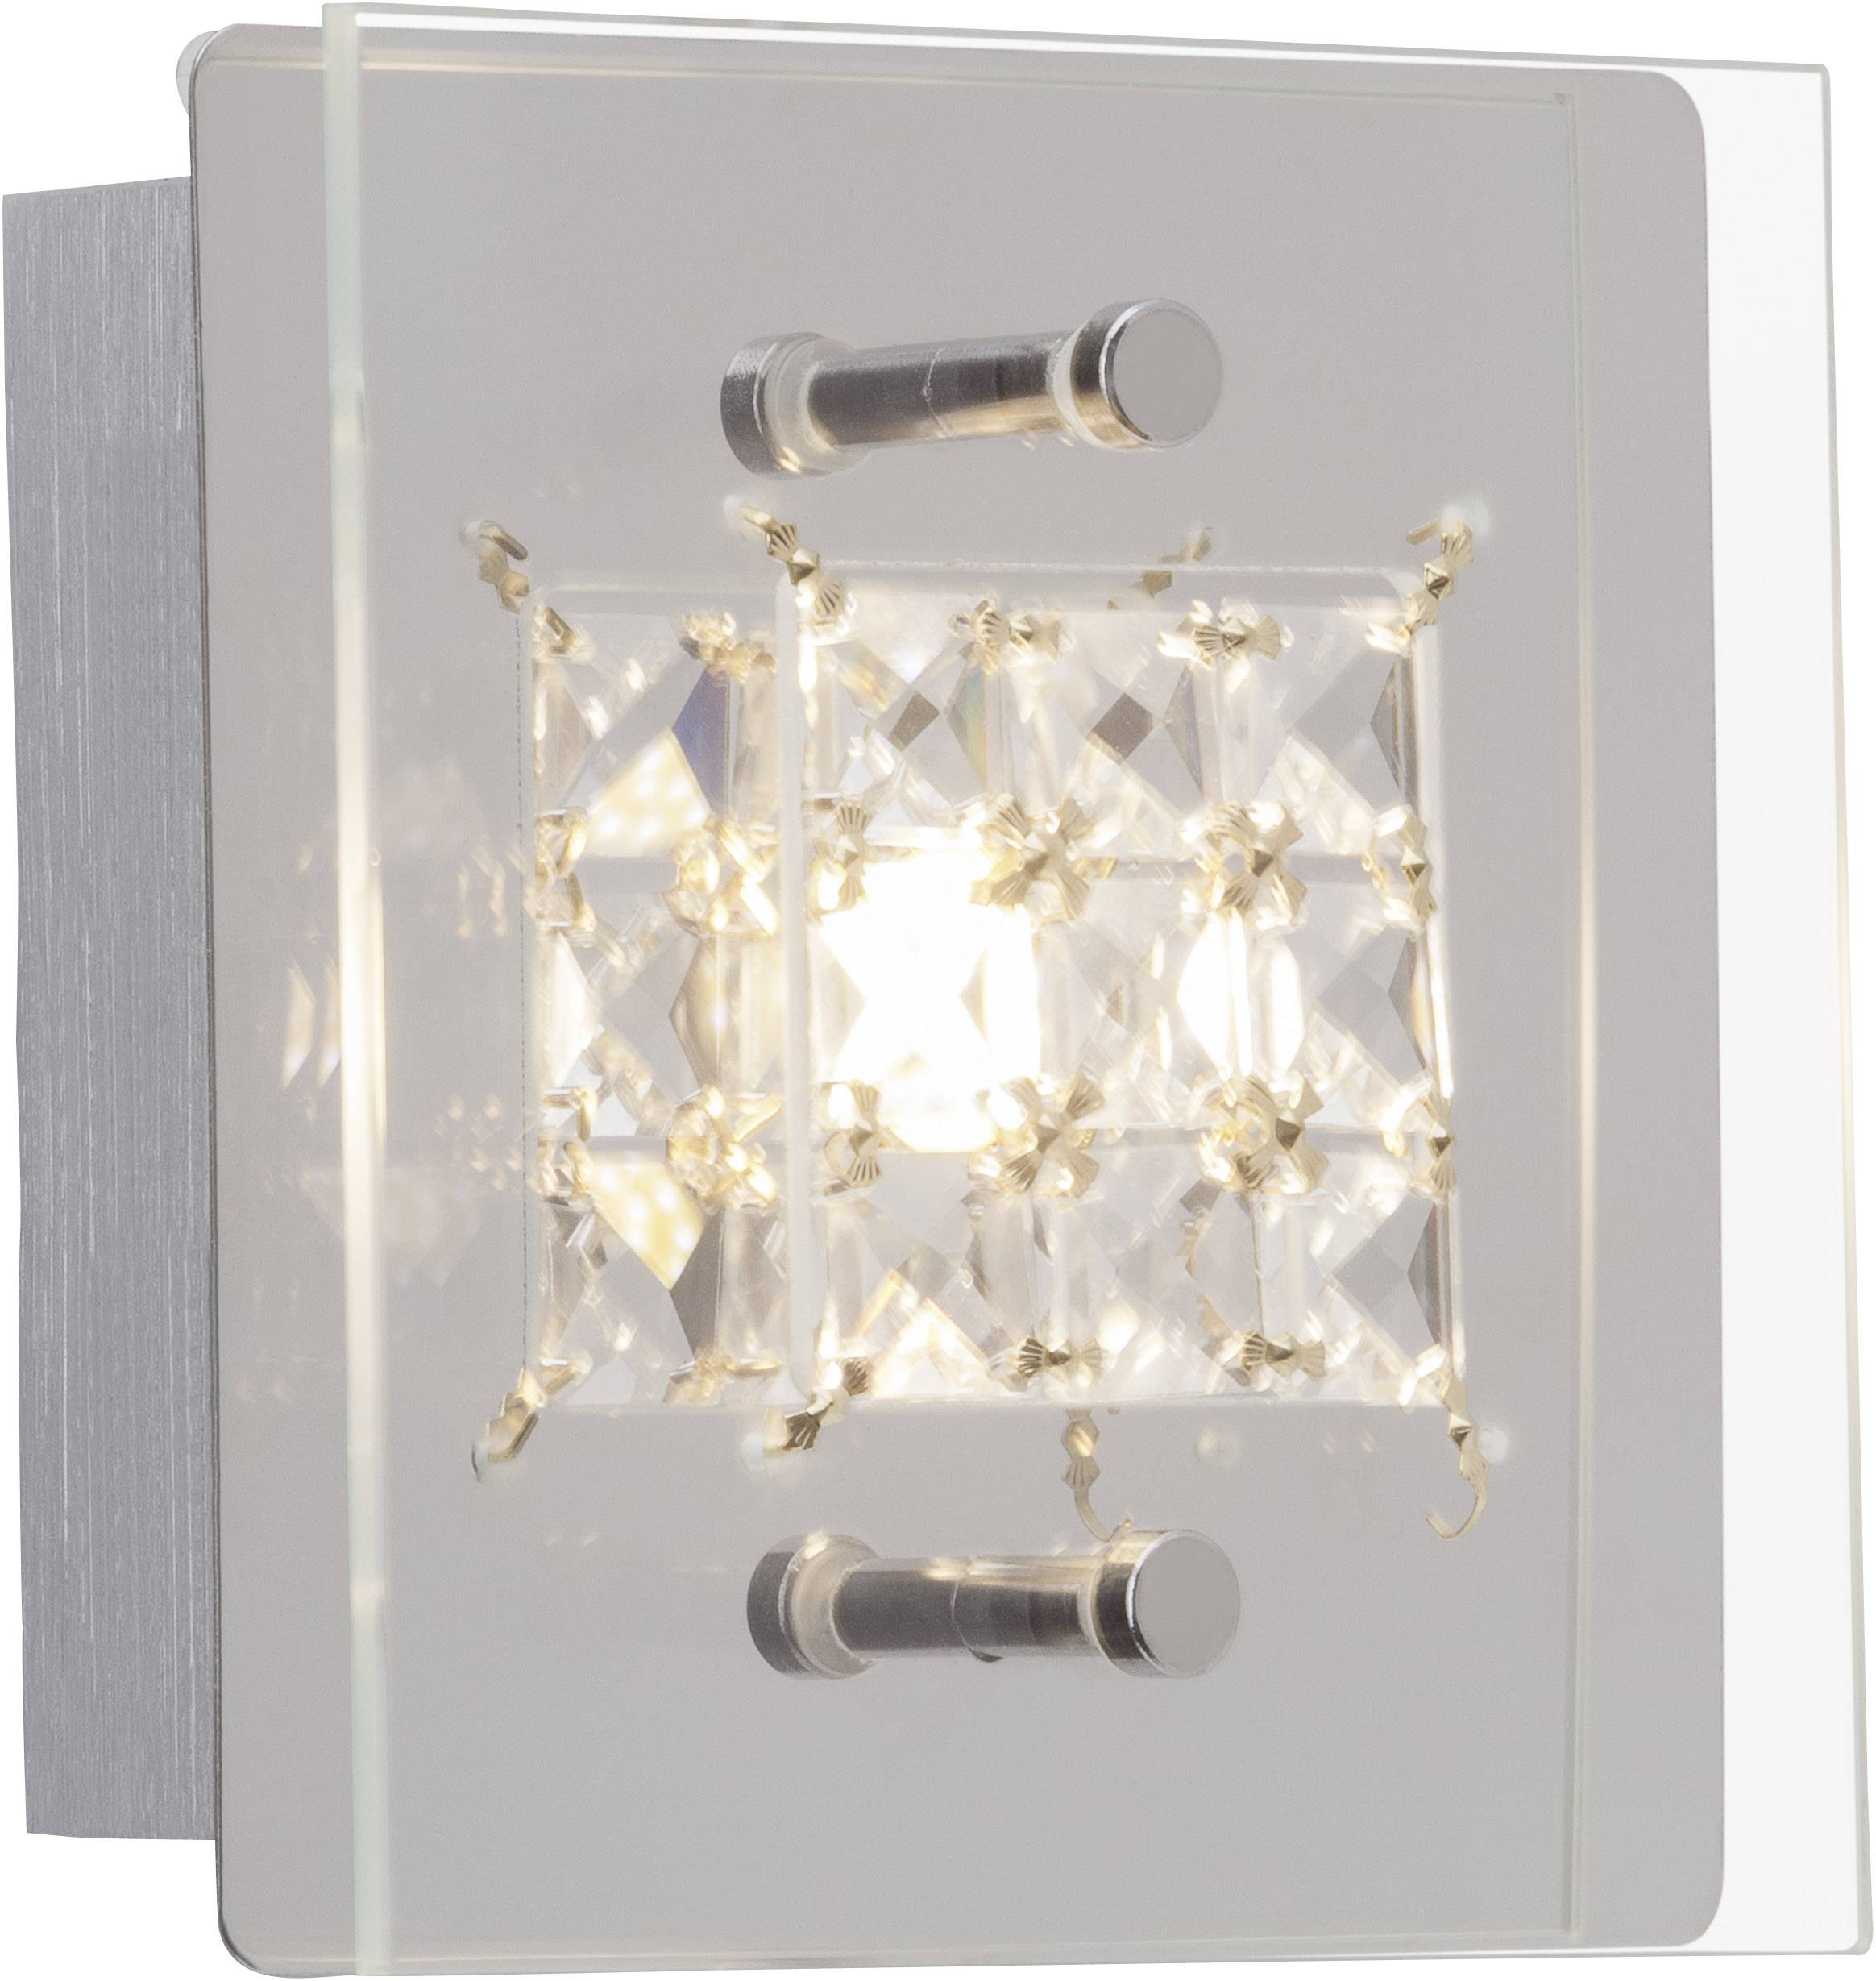 LED nástenné svetlo Brilliant Martino G94264/15, 5 W, teplá biela, chróm